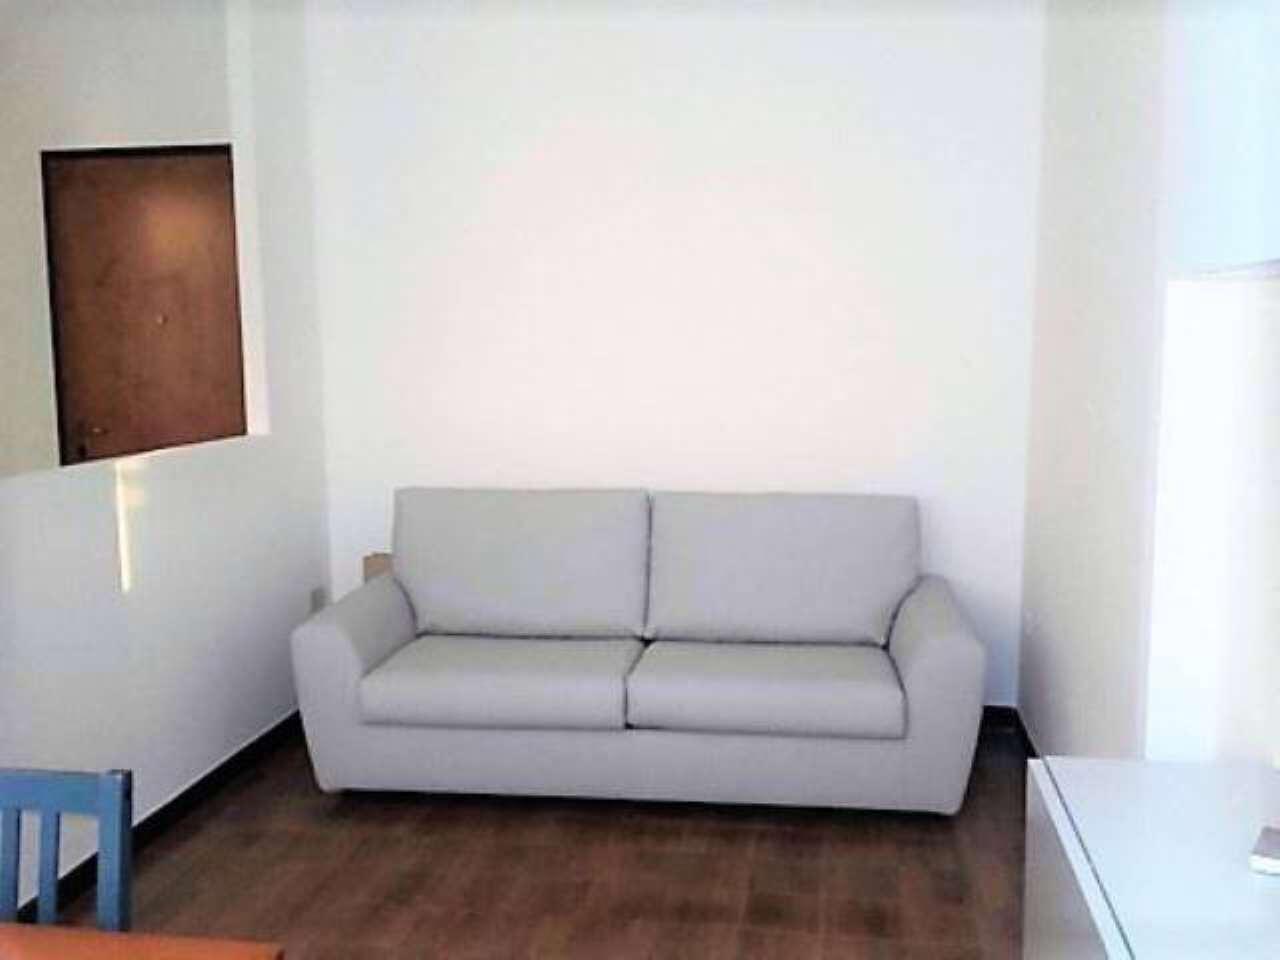 Appartamento monolocale in vendita a Torino (TO)